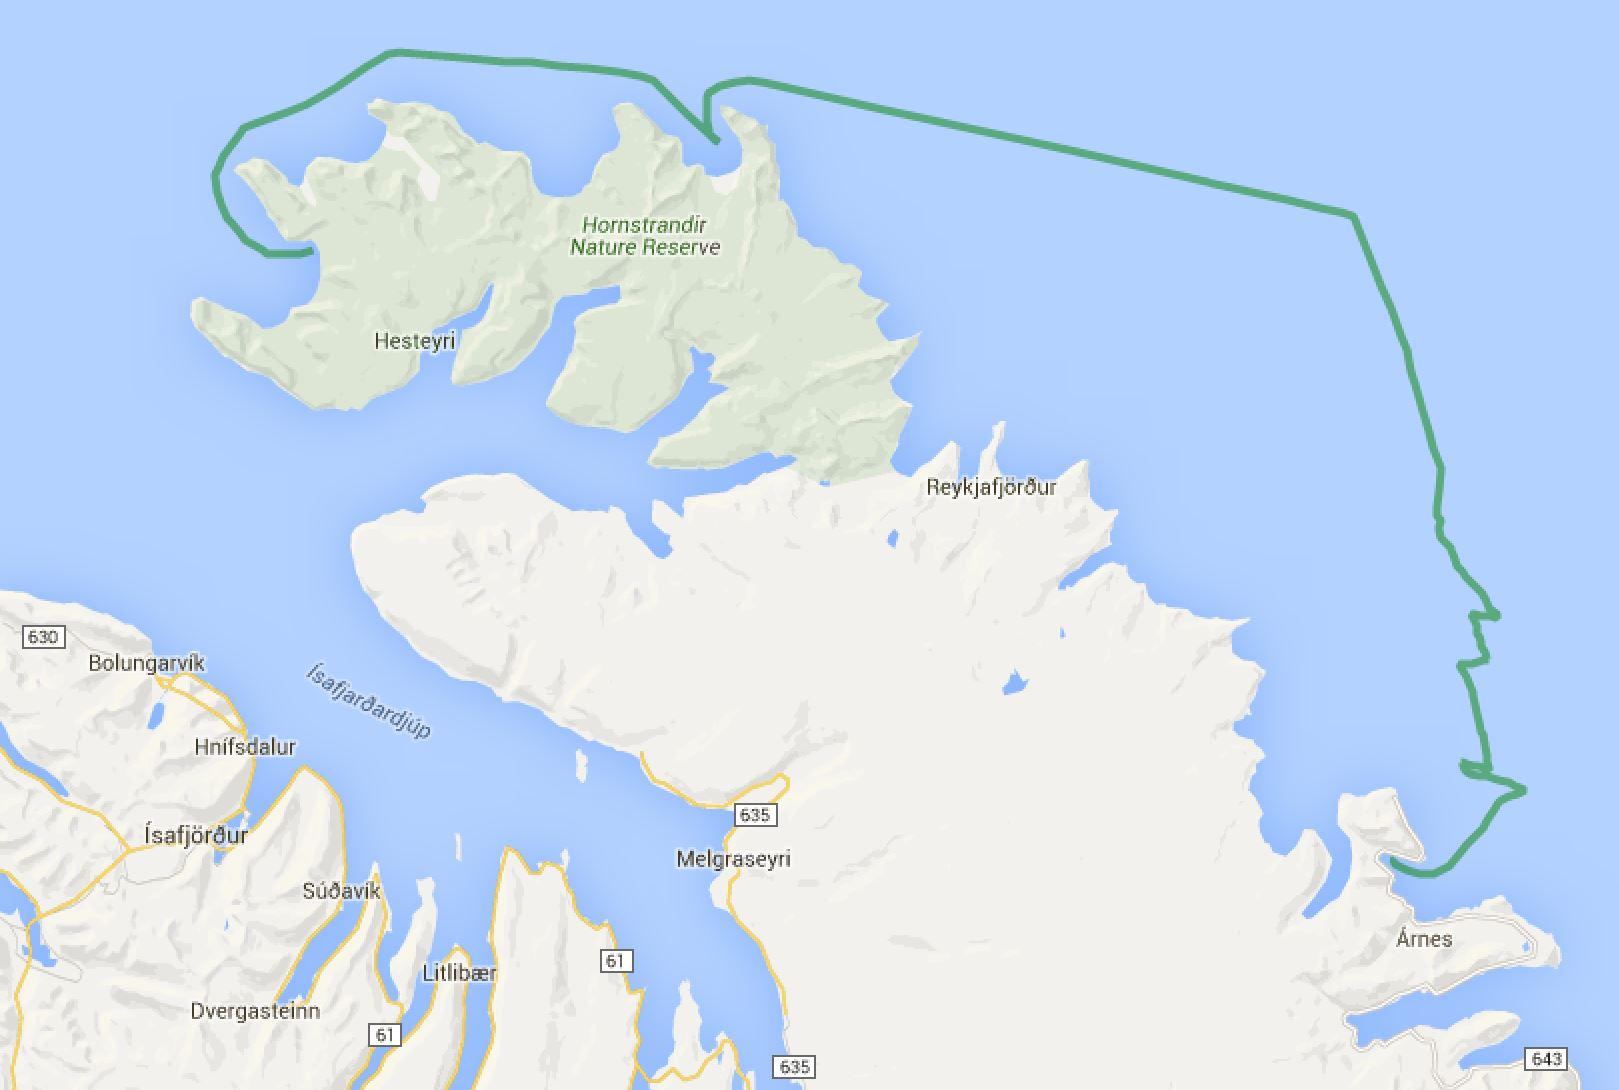 Norðurfjörður - Aðalvik